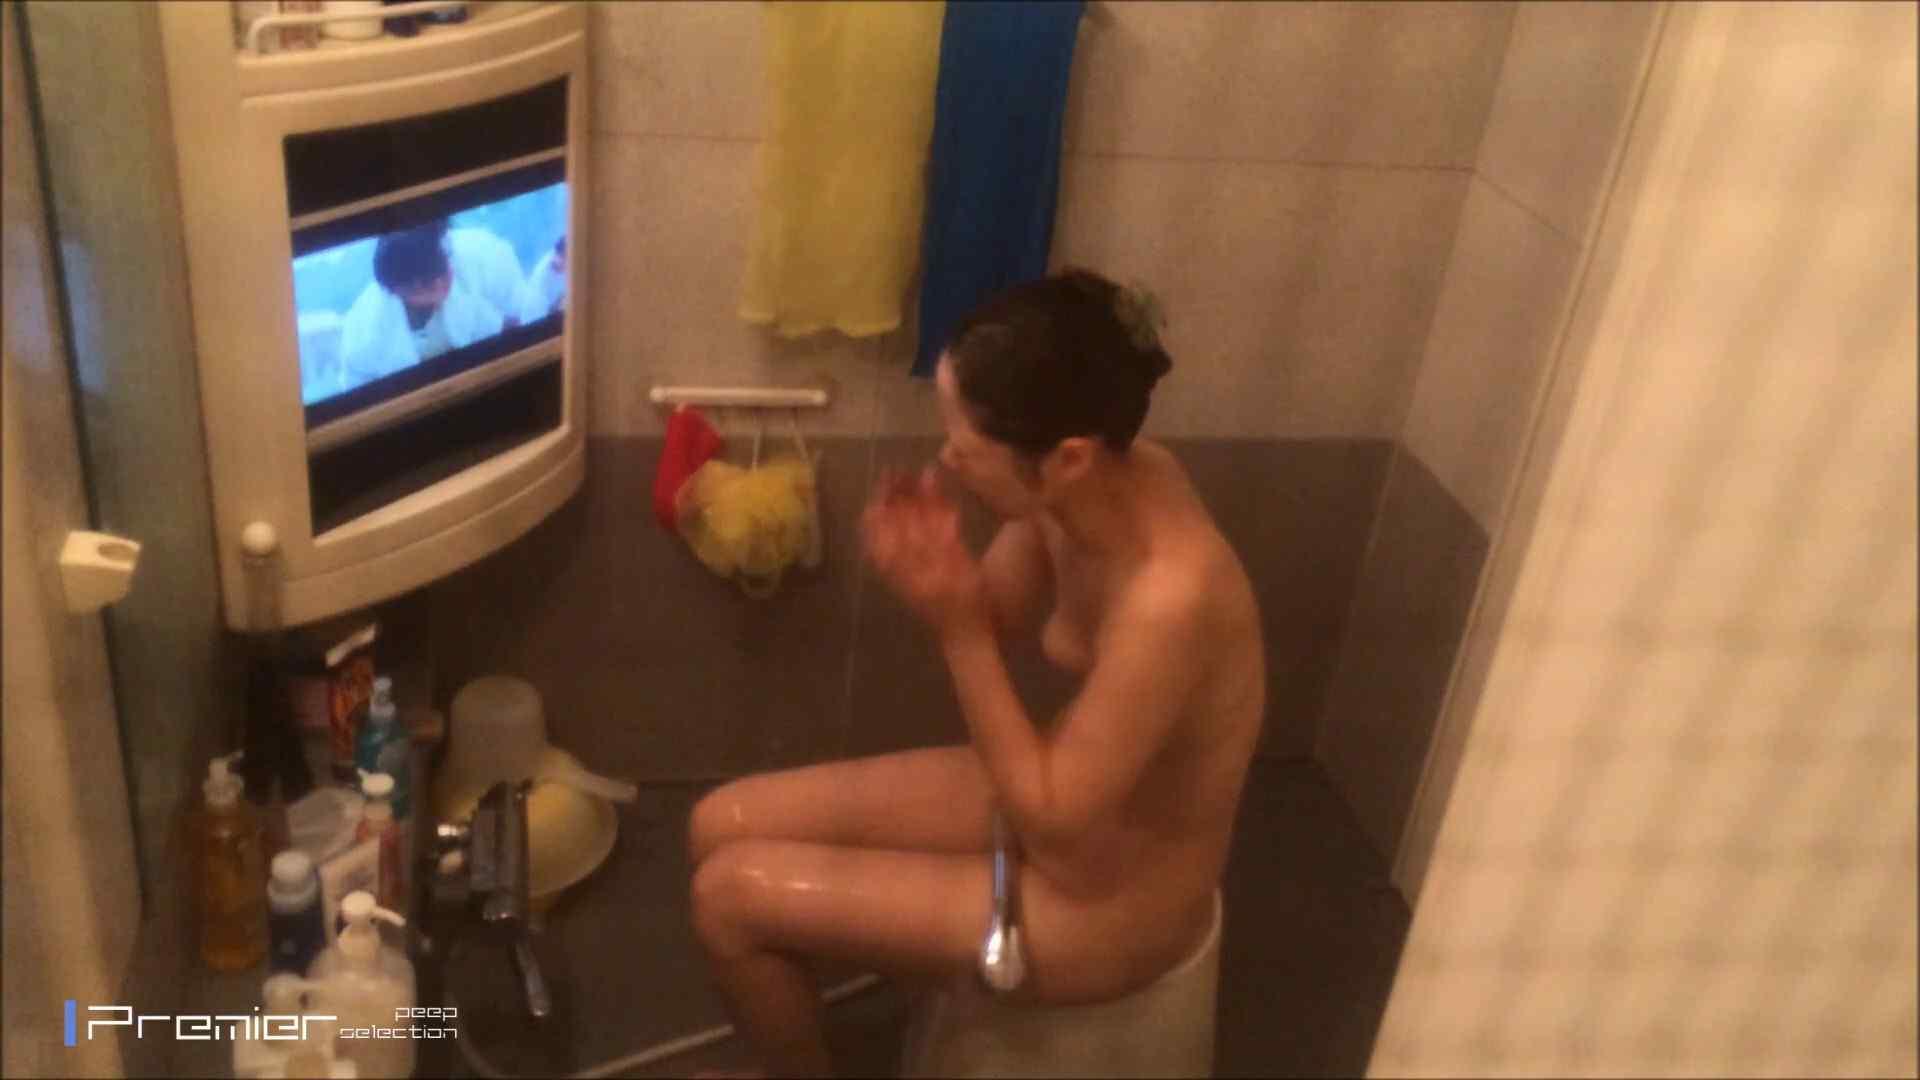 美女のテレビを見ながらの入浴 乙女の風呂場 Vol.21 盗撮  30pic 6